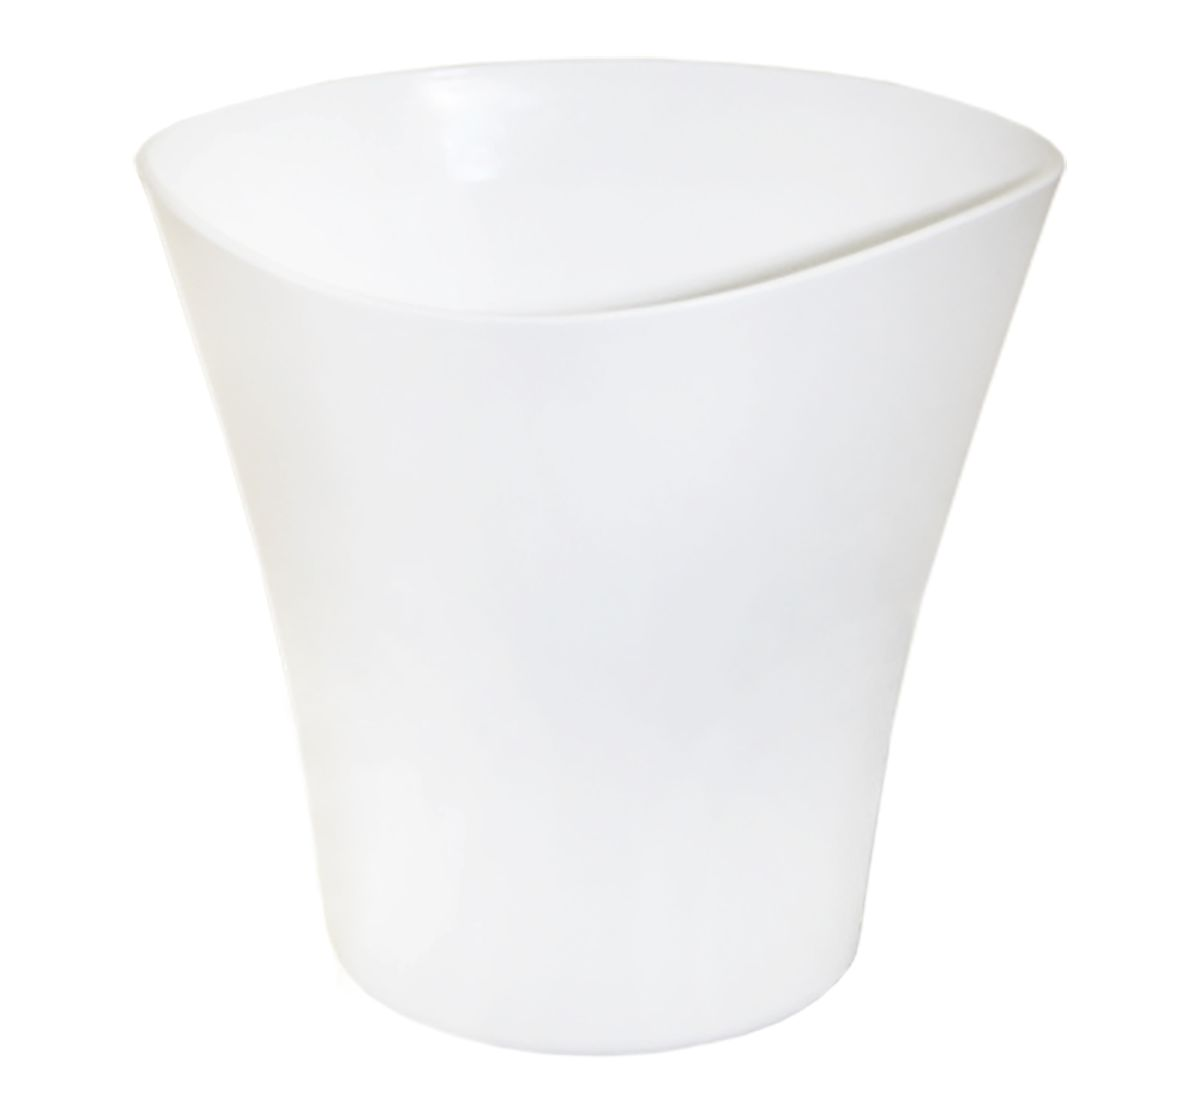 Кашпо JetPlast Волна, цвет: белый, 1,5 л кашпо jetplast альфа с креплением цвет кремовый 1 л